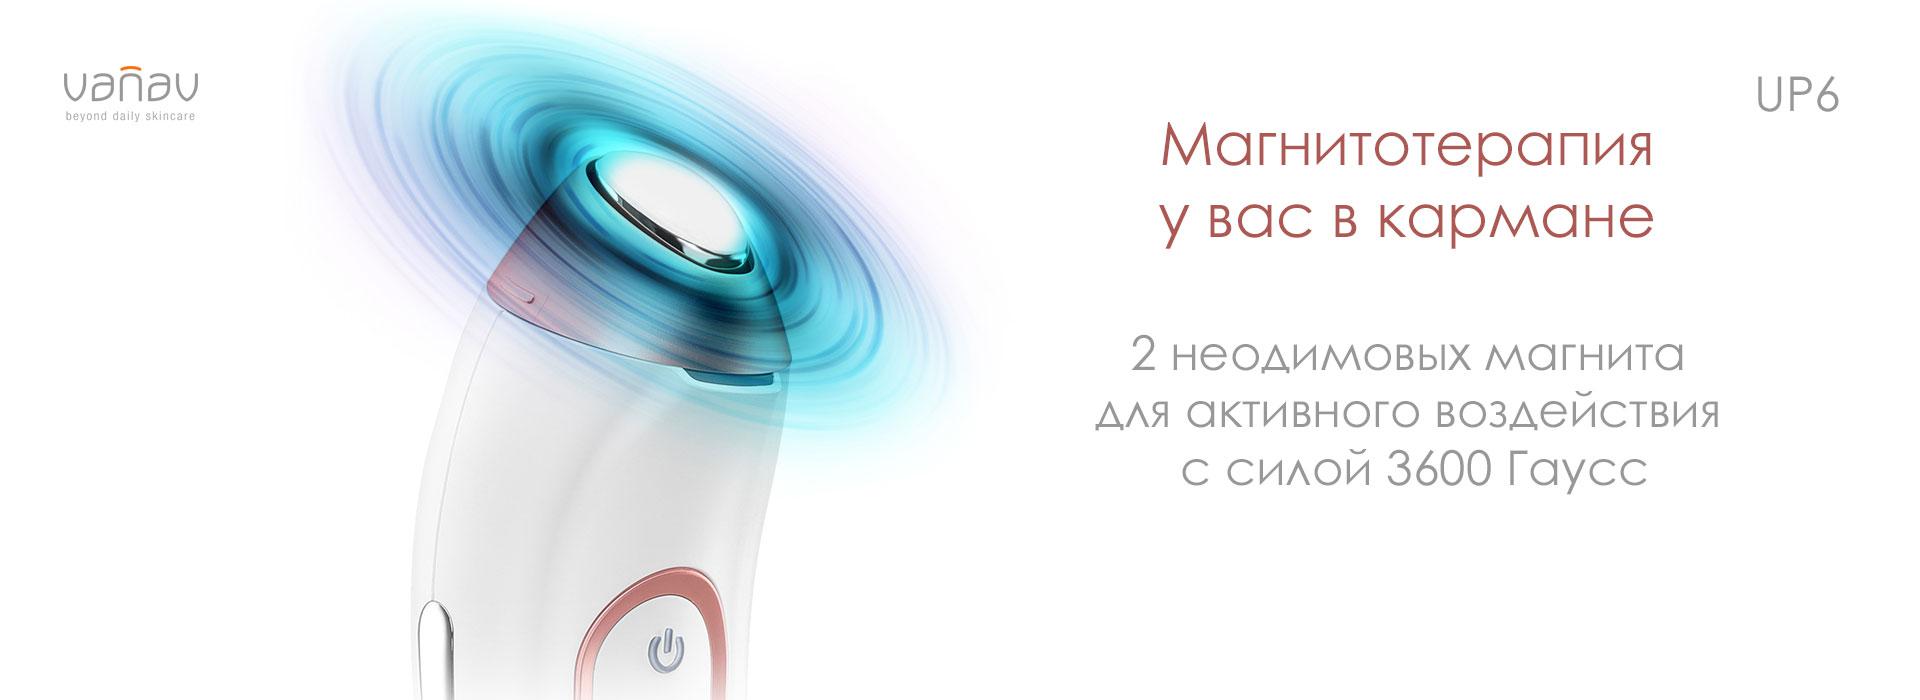 Магнитотерапия массажера для лица VANAV UP6